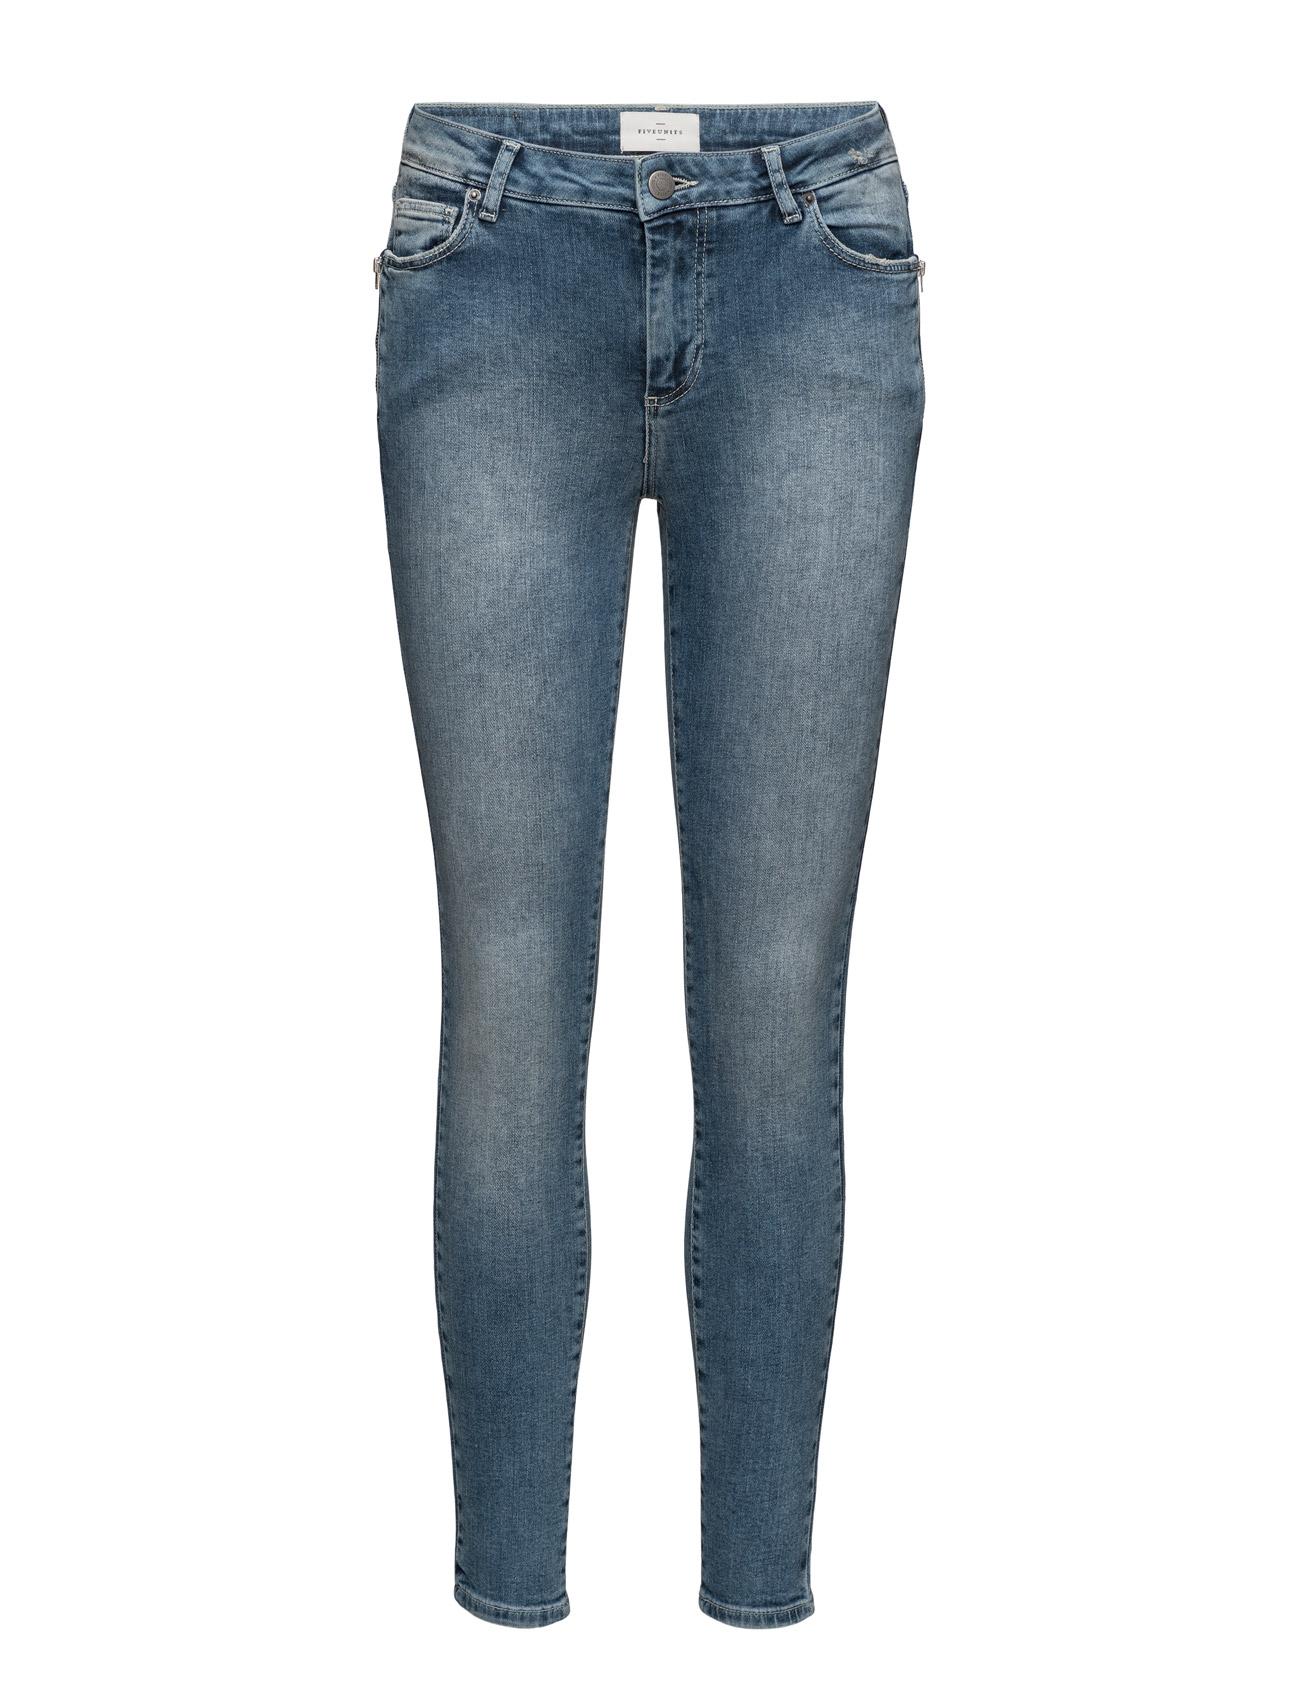 Penelope 436 Zip, Insight Worn, Jeans FIVEUNITS Skinny til Damer i